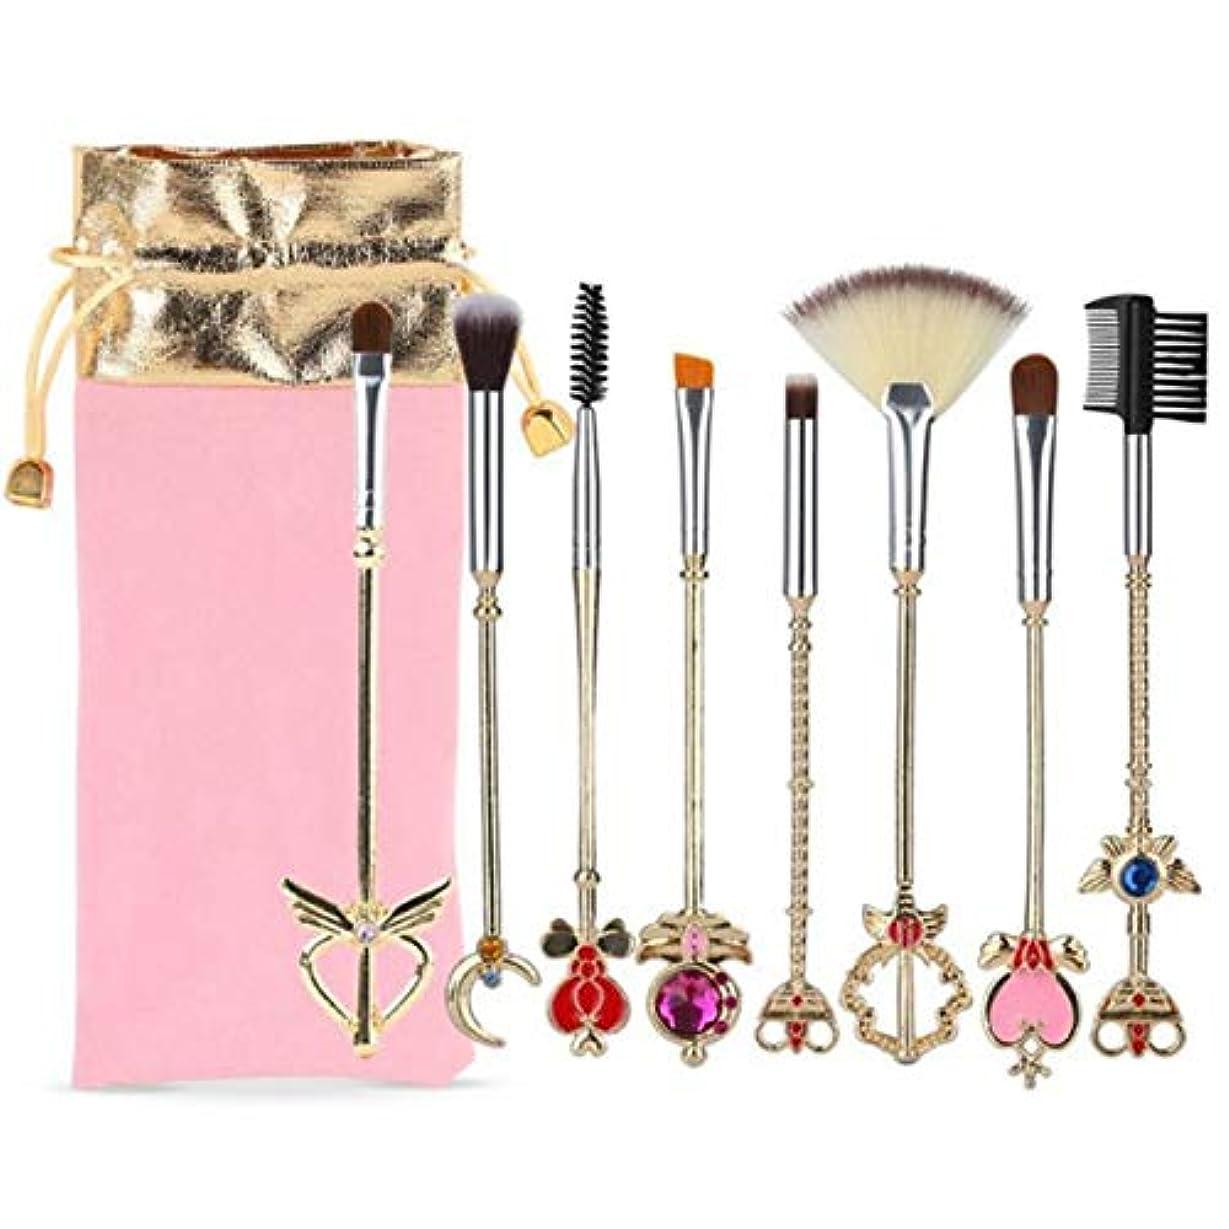 発明する医学日Quzama-JS よく作られた8 PCのセーラームーン化粧ブラシは、ポーチ、魔法の女の子ゴールドcardcaptor桜の化粧ブラシでセットされた巾着バッグ